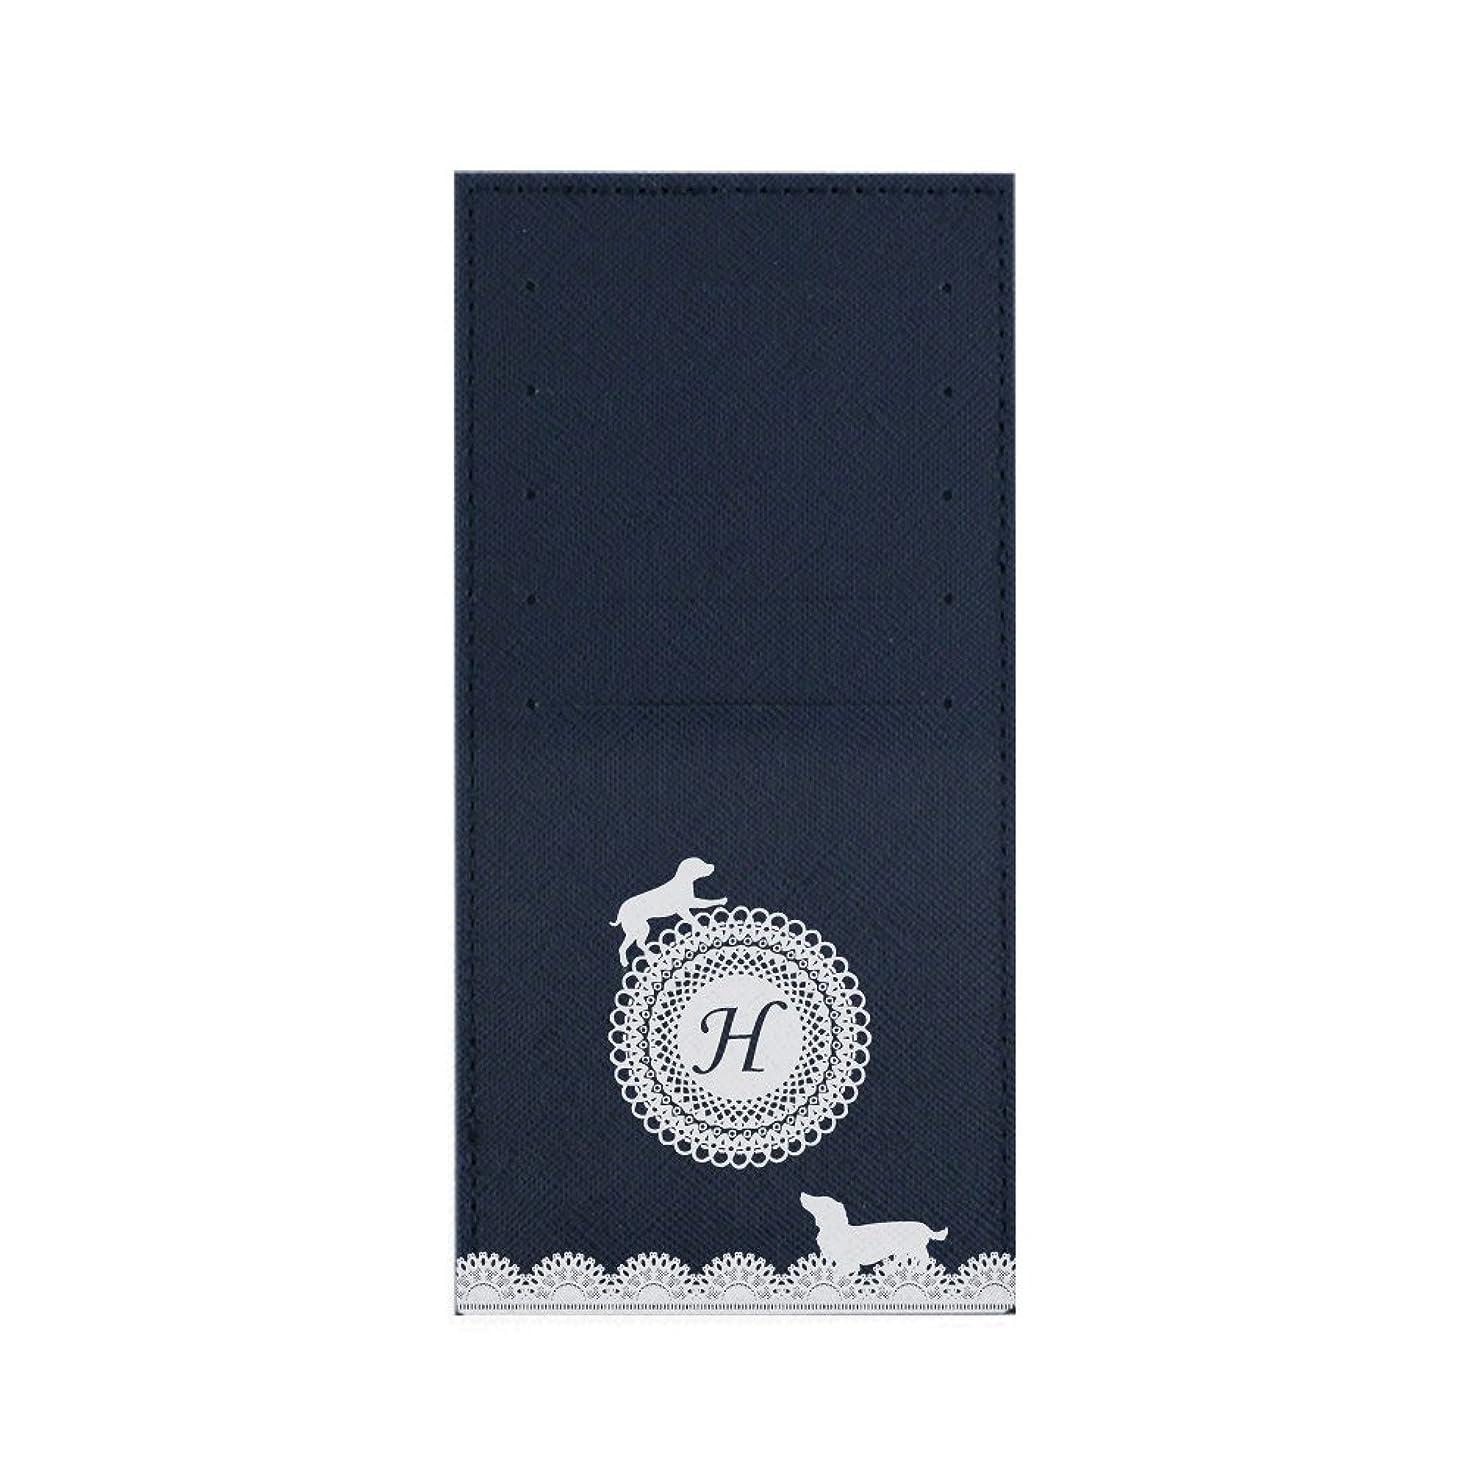 泥棒クロス学者インナーカードケース 長財布用カードケース 10枚収納可能 カード入れ 収納 プレゼント ギフト 3012レースネーム ( H ) ネイビー